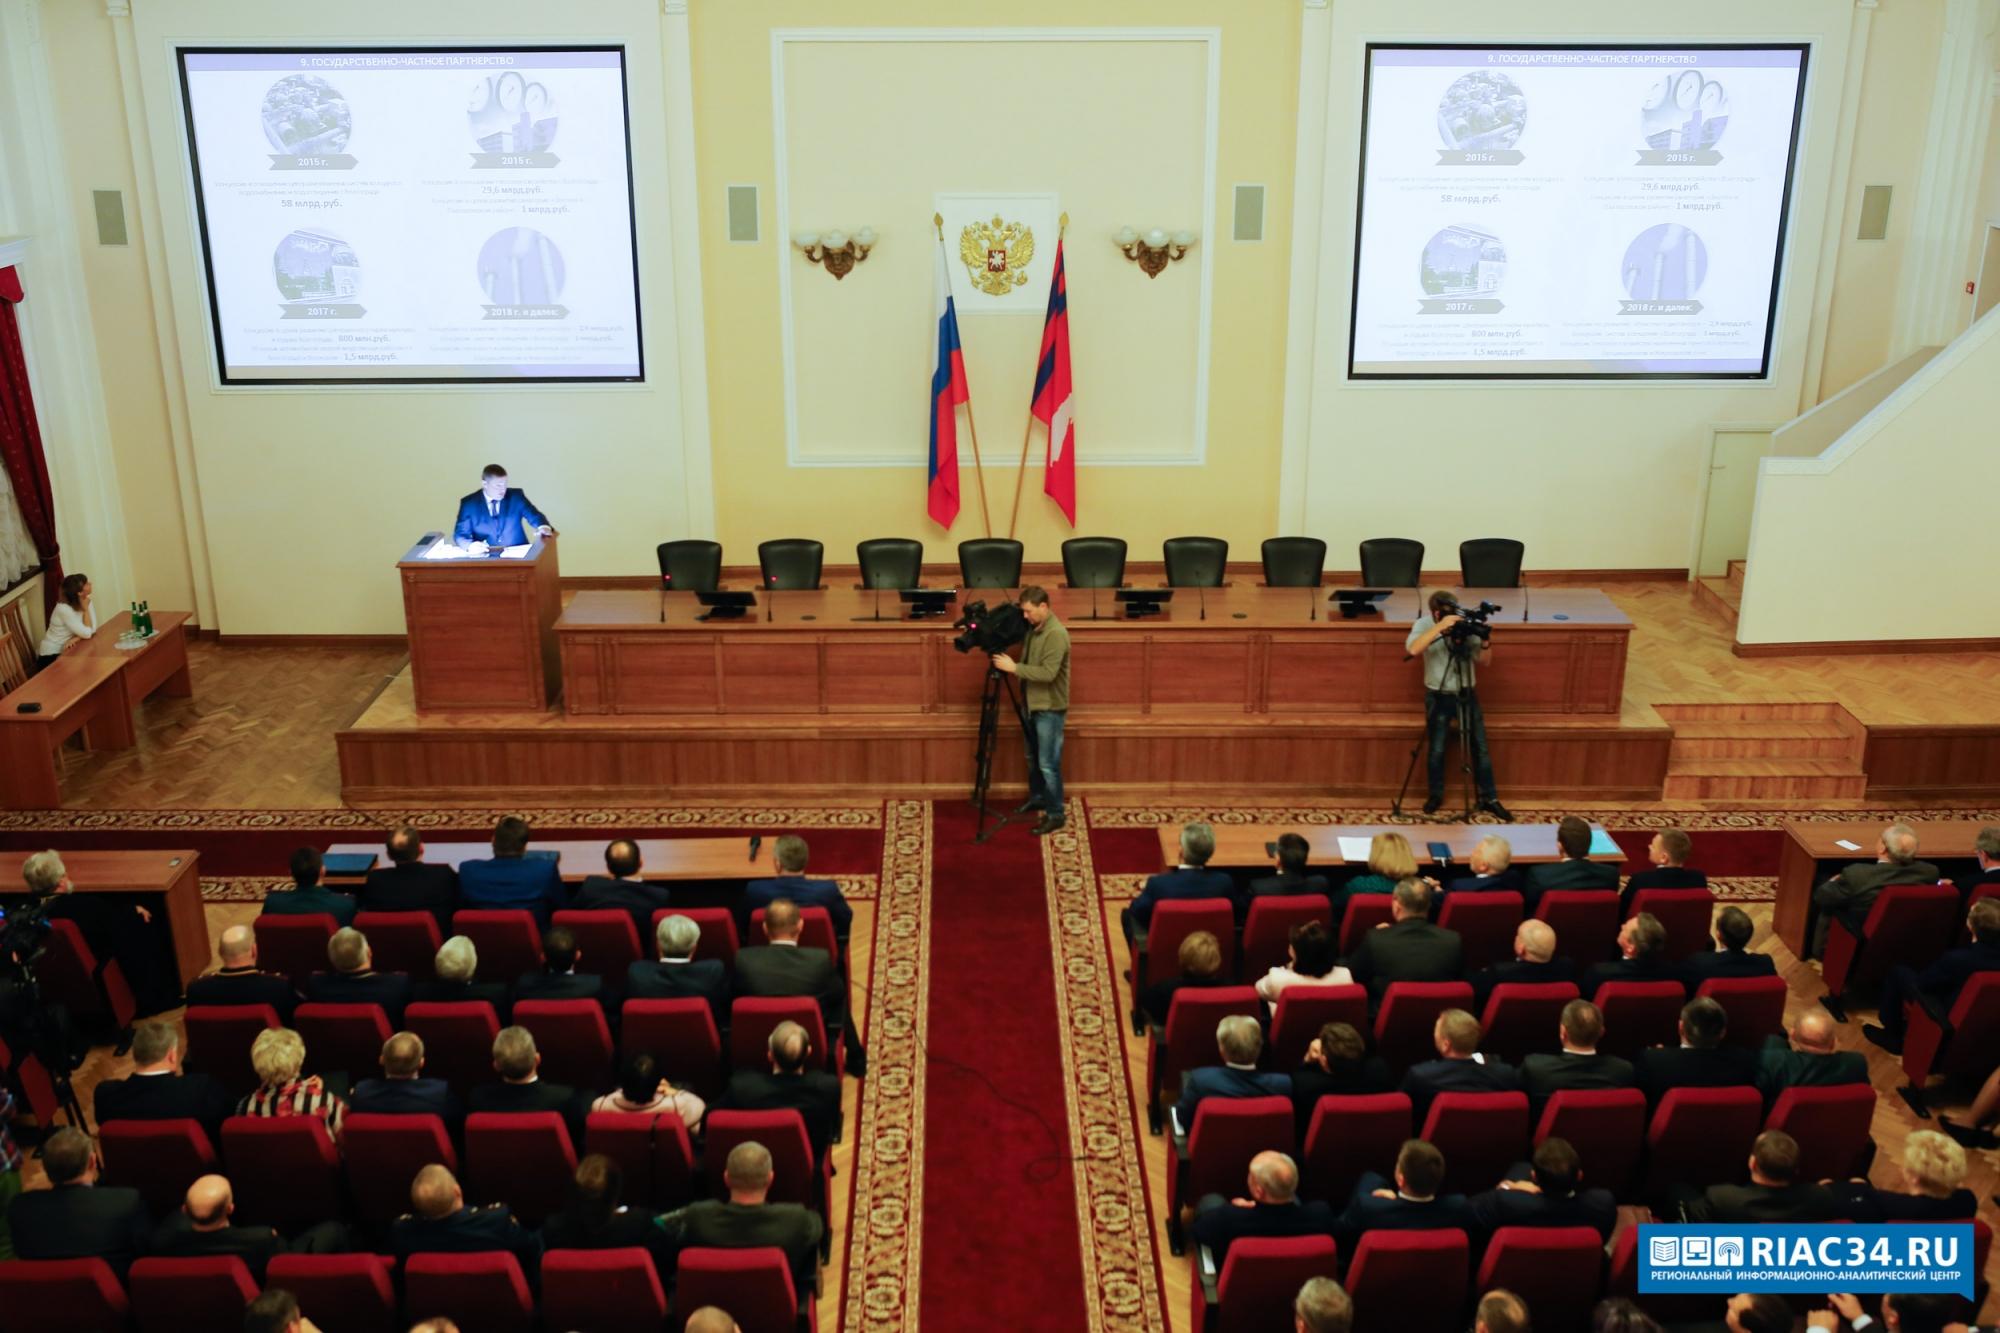 Бочаров: «Единой командой можно решить самые амбициозные задачи»